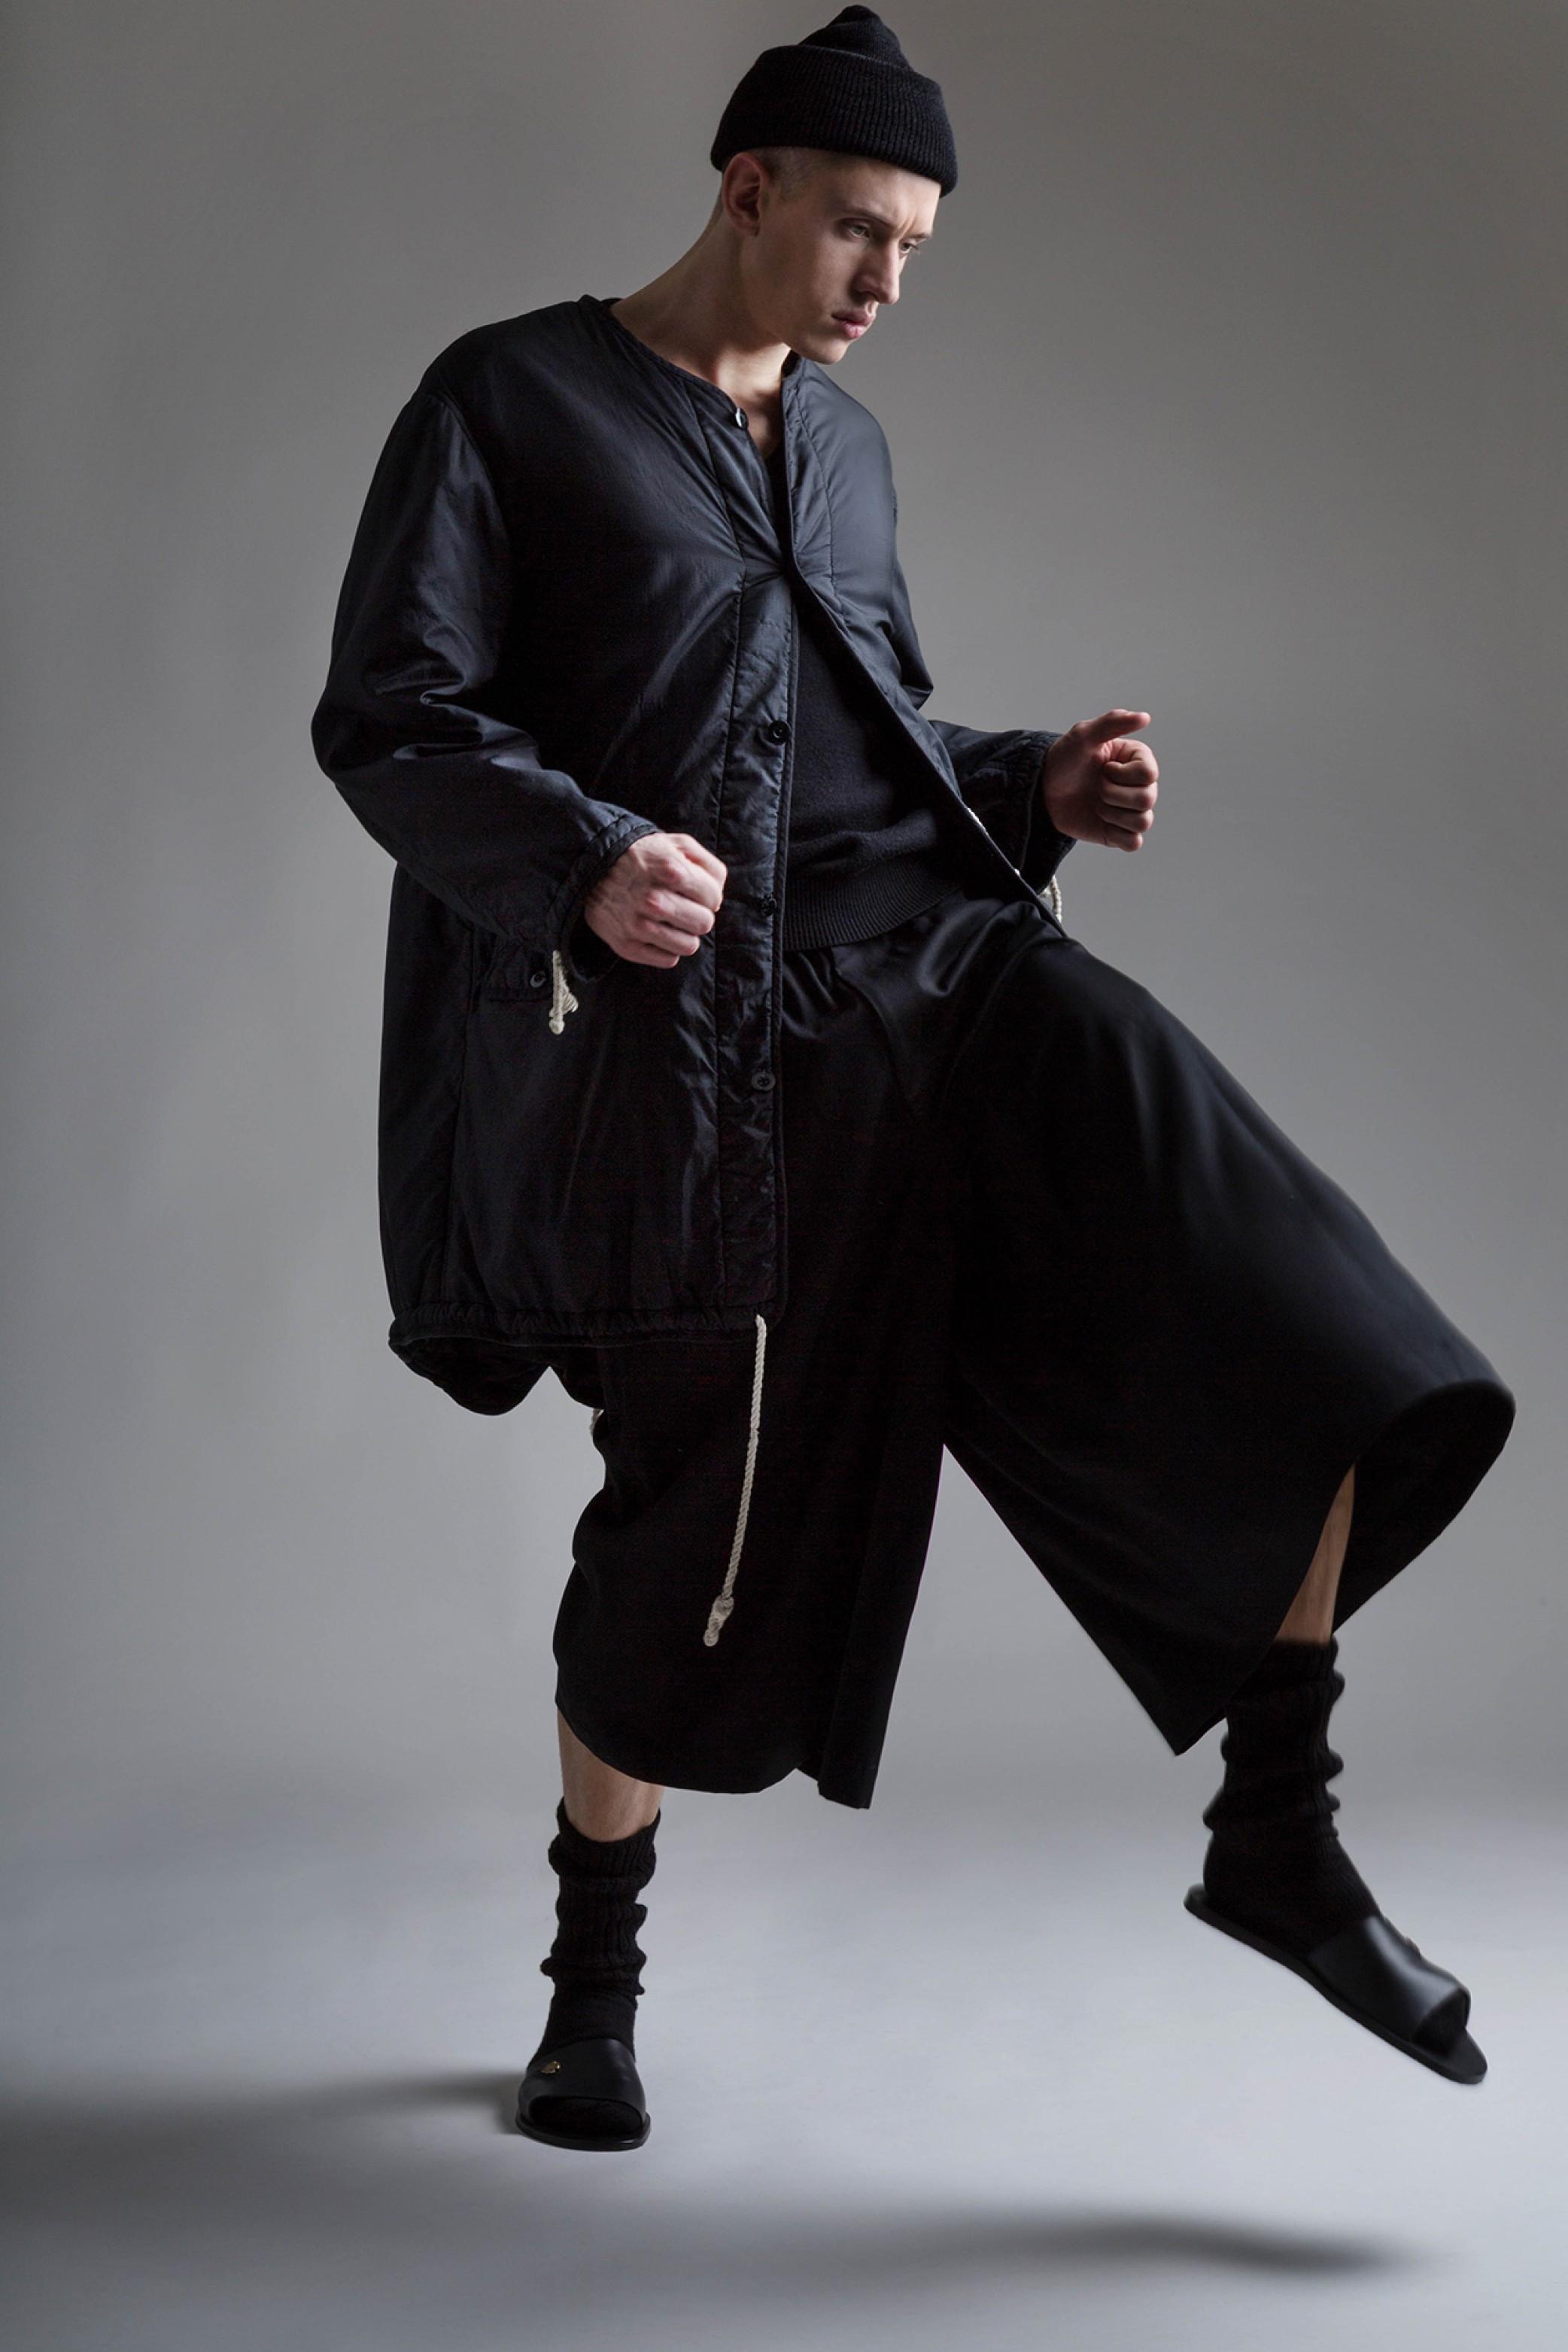 Yohji Yamamoto Dress Shoes